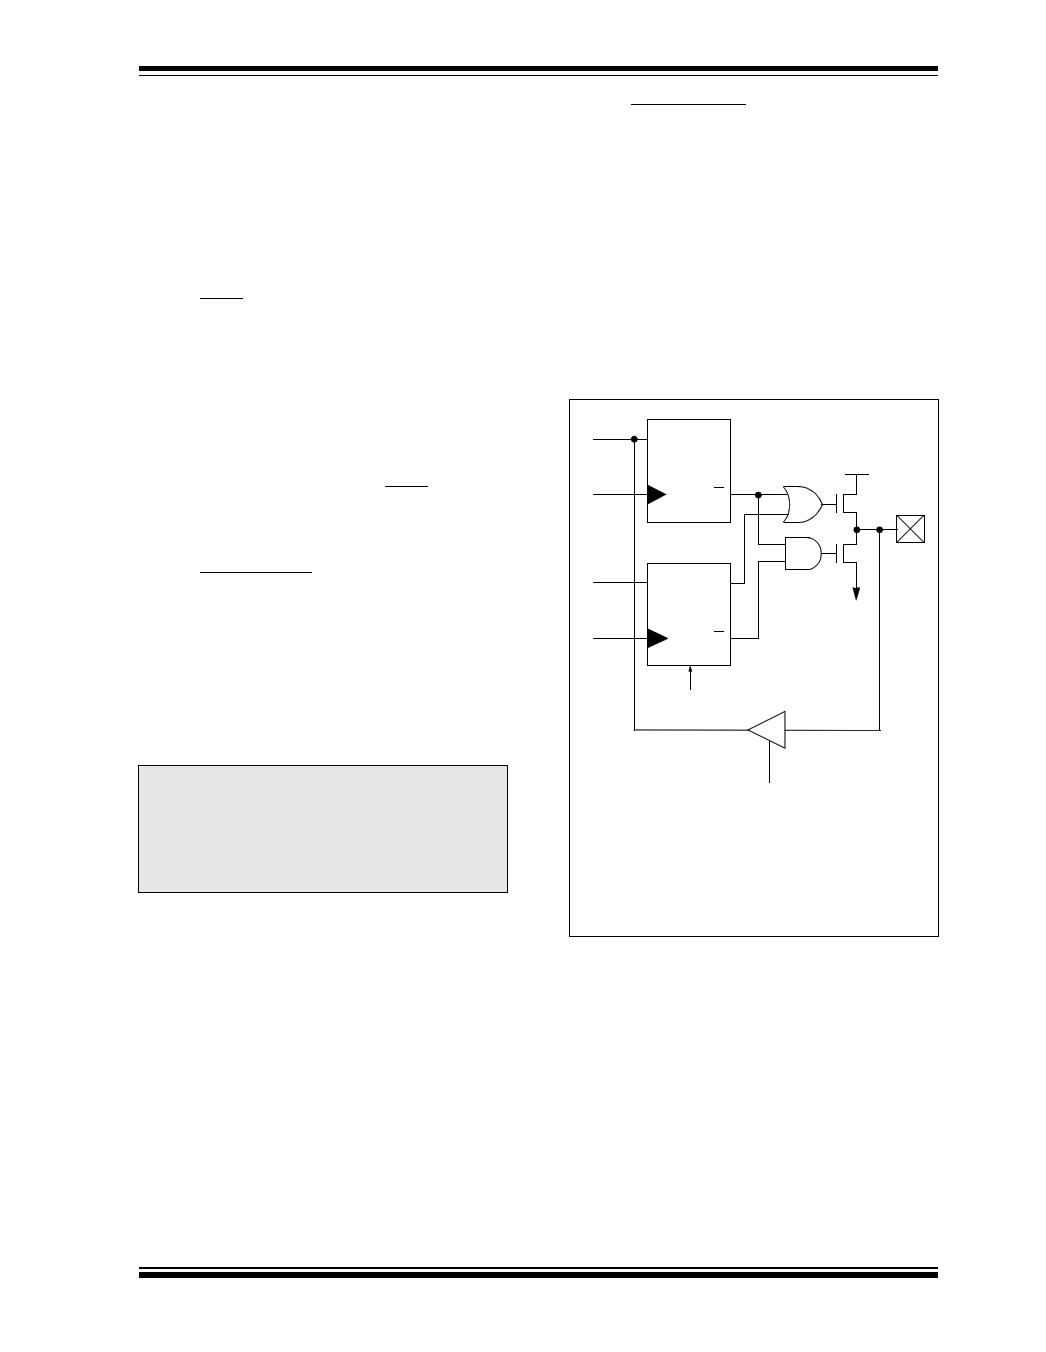 12c508a Datasheet Pdf Pinout 8 Pin 8 Bit Cmos